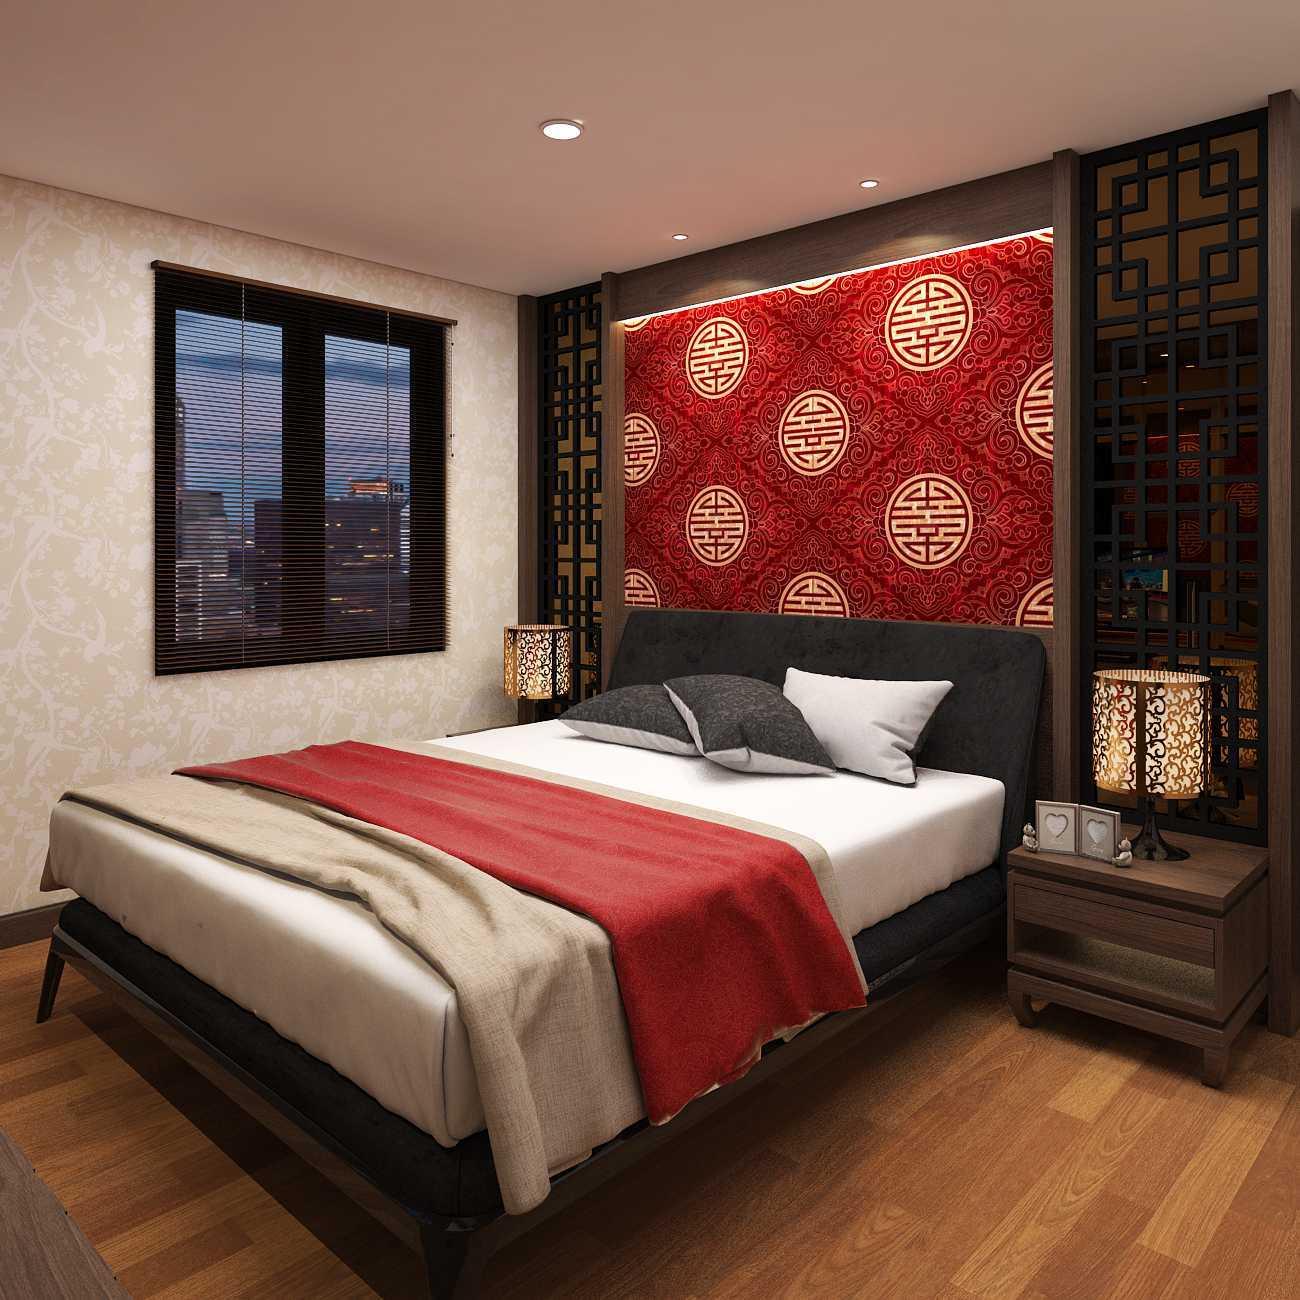 Foto inspirasi ide desain kamar tidur asian Asian house hegarmanah - bedroom oleh D-CreArt Design di Arsitag